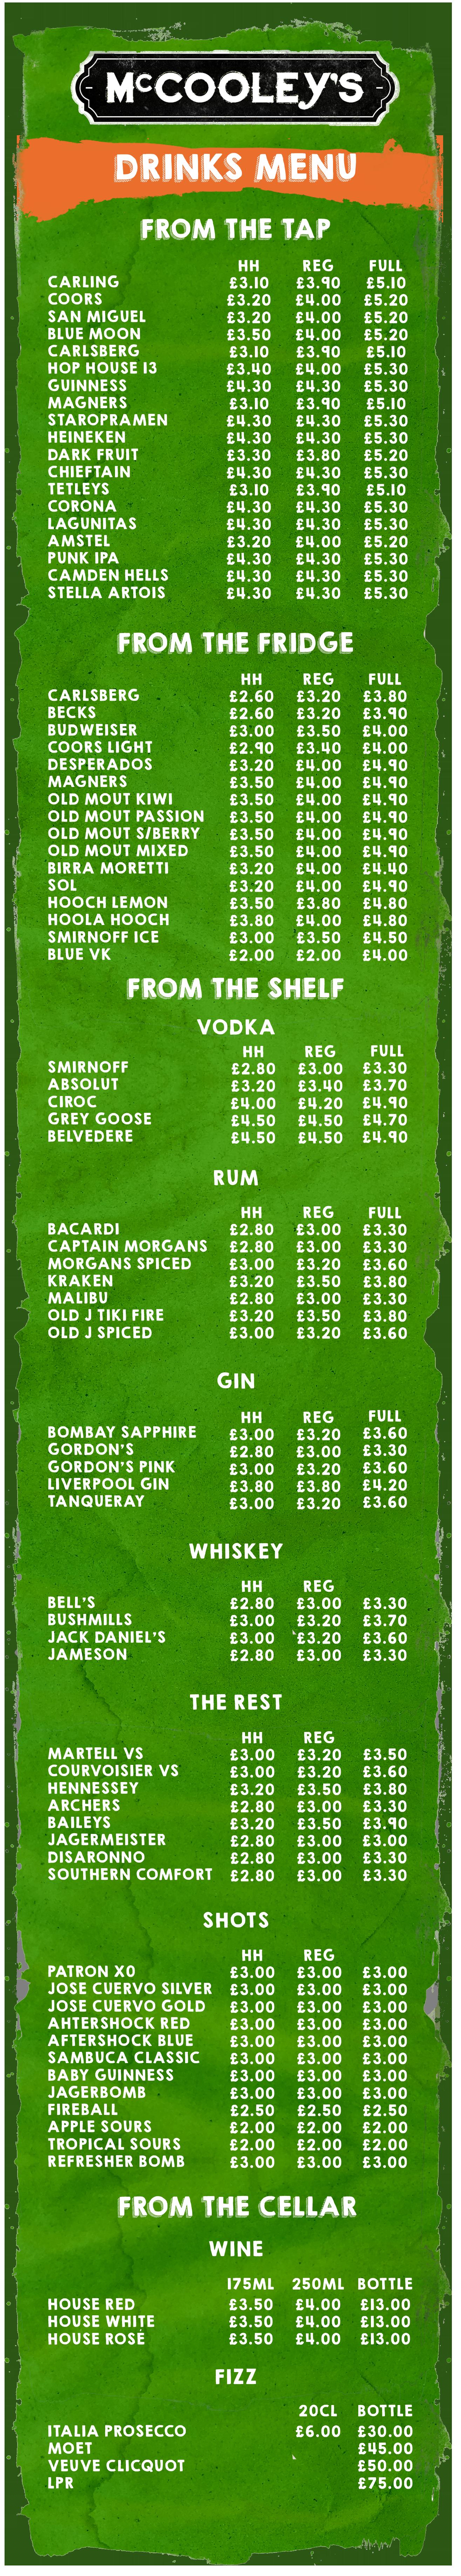 mccooleys drinks menu